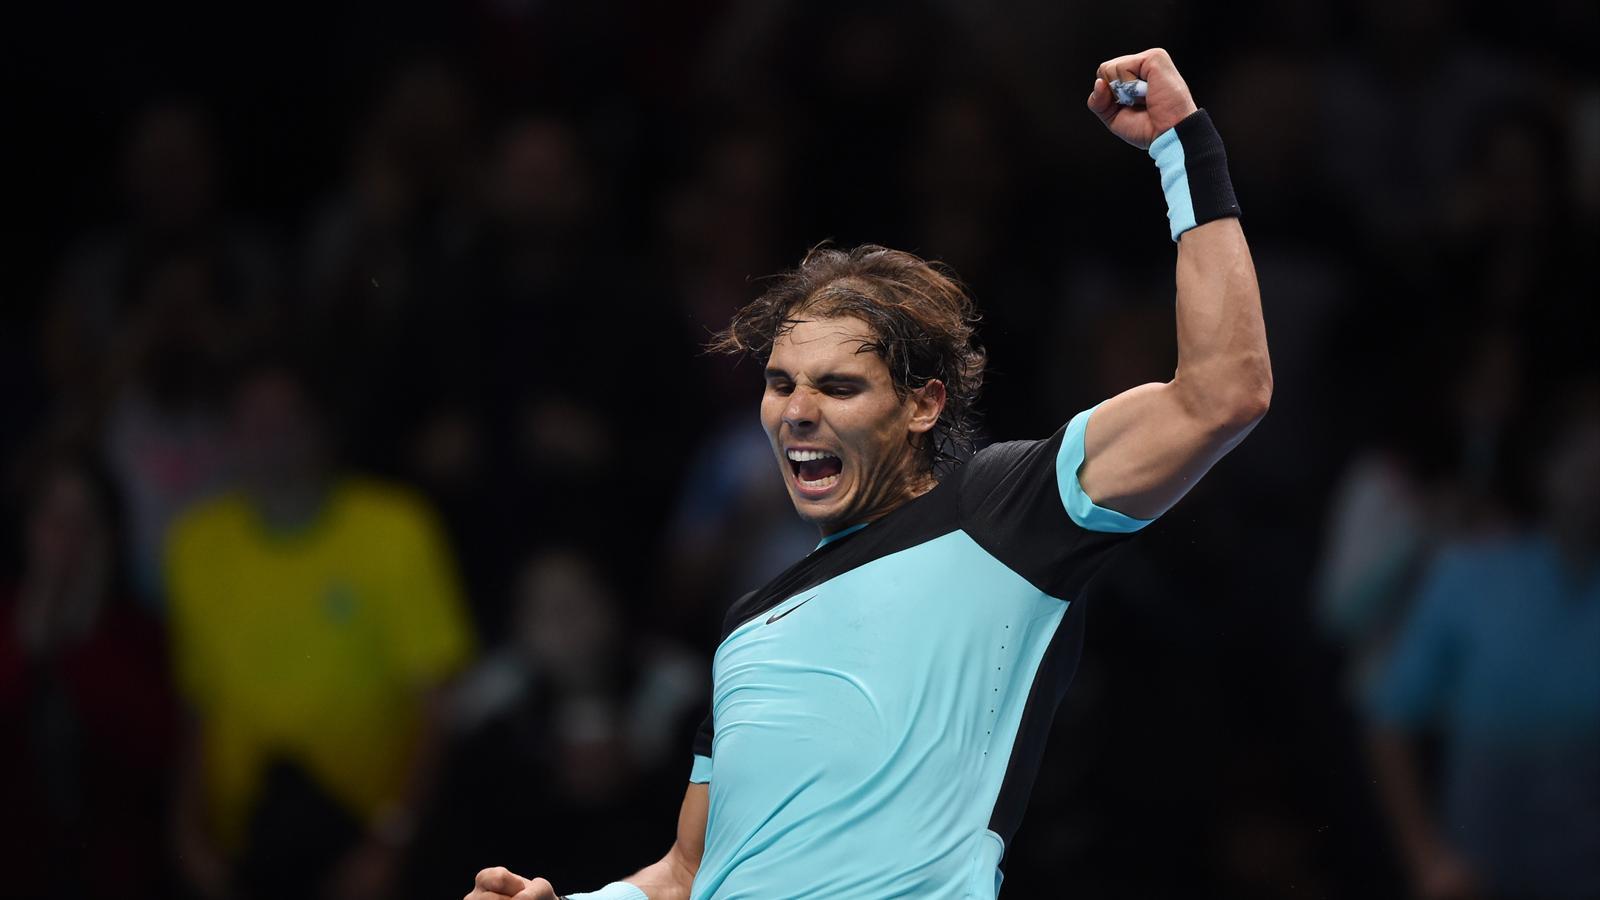 Rafa Nadal celebrates winning the match